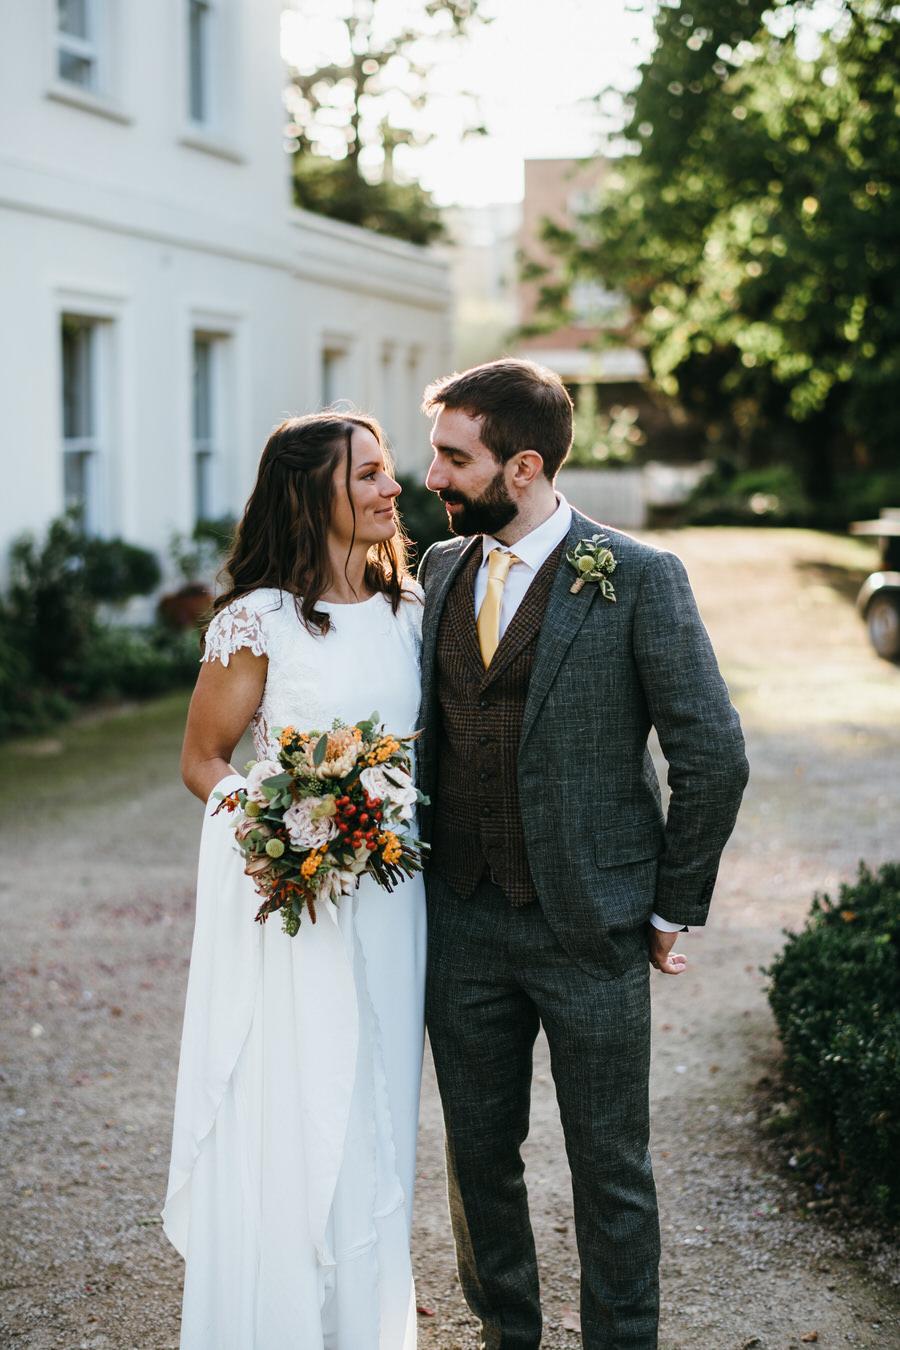 James & Sarah's chic, modern Morden Hall wedding, with Simon Biffen Photography (38)